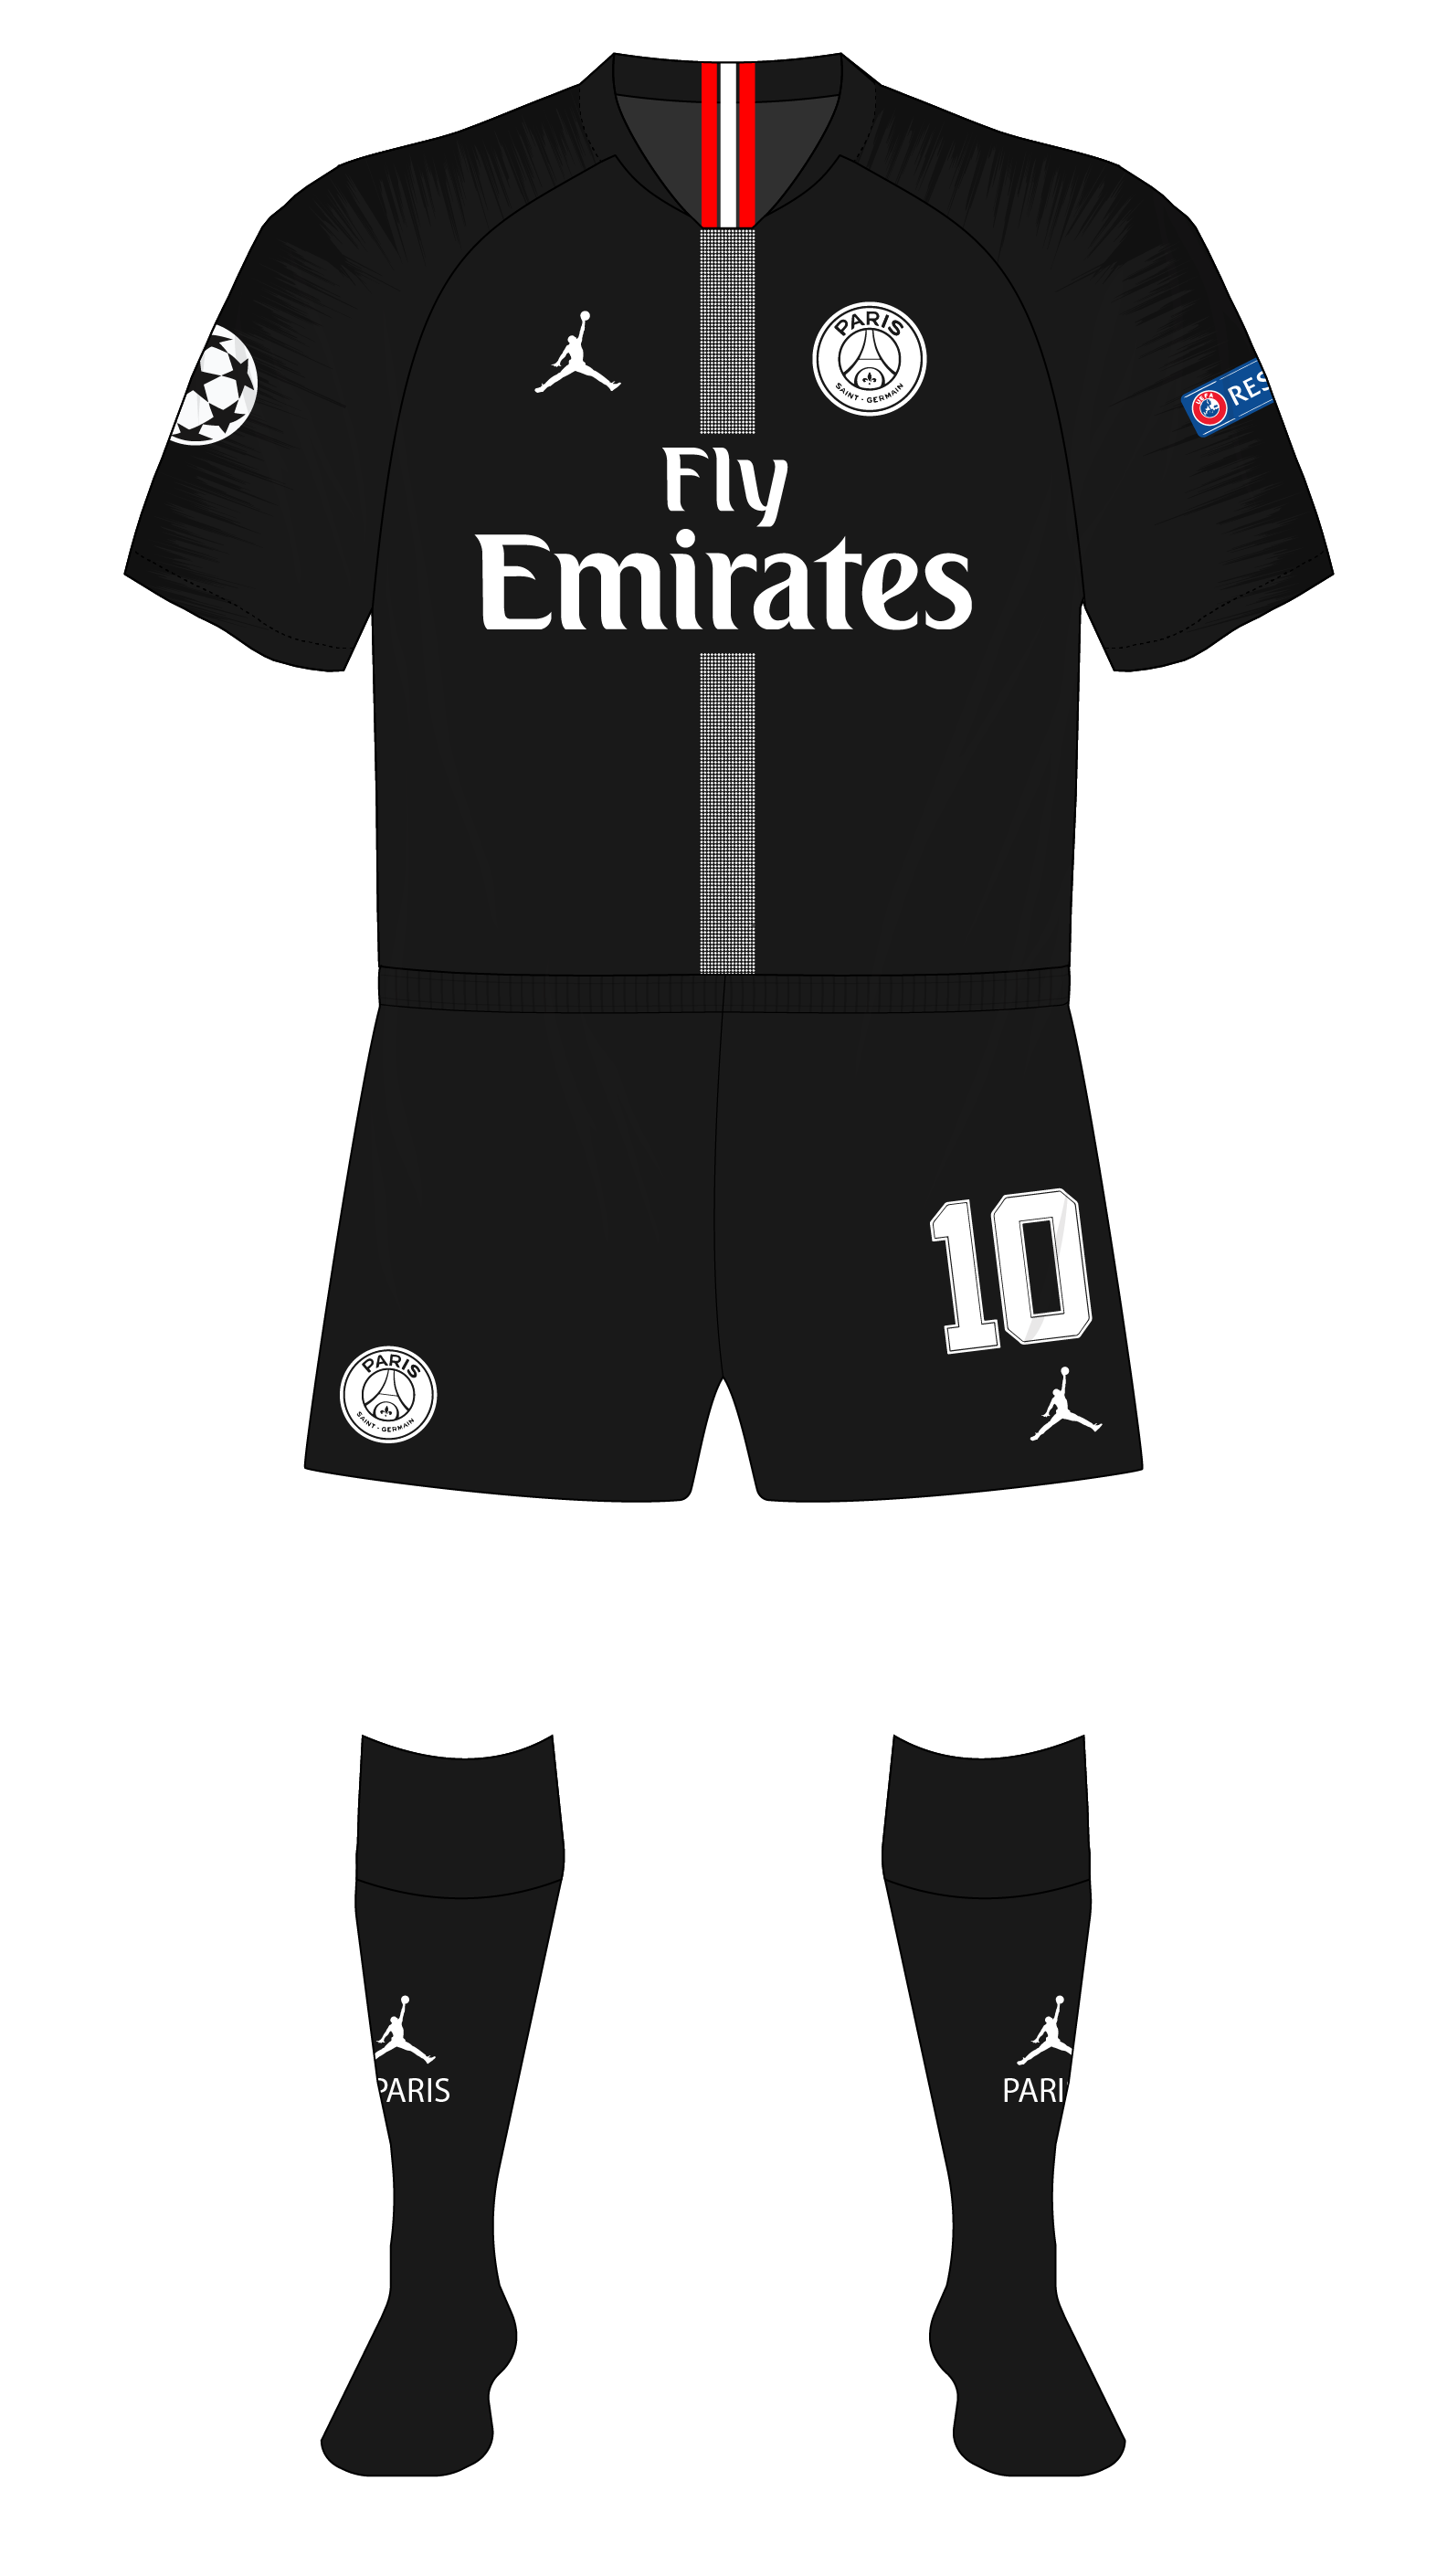 quality design d6247 e6b82 Paris-St-Germain-2018-2019-Jordan-Champions-League-home ...